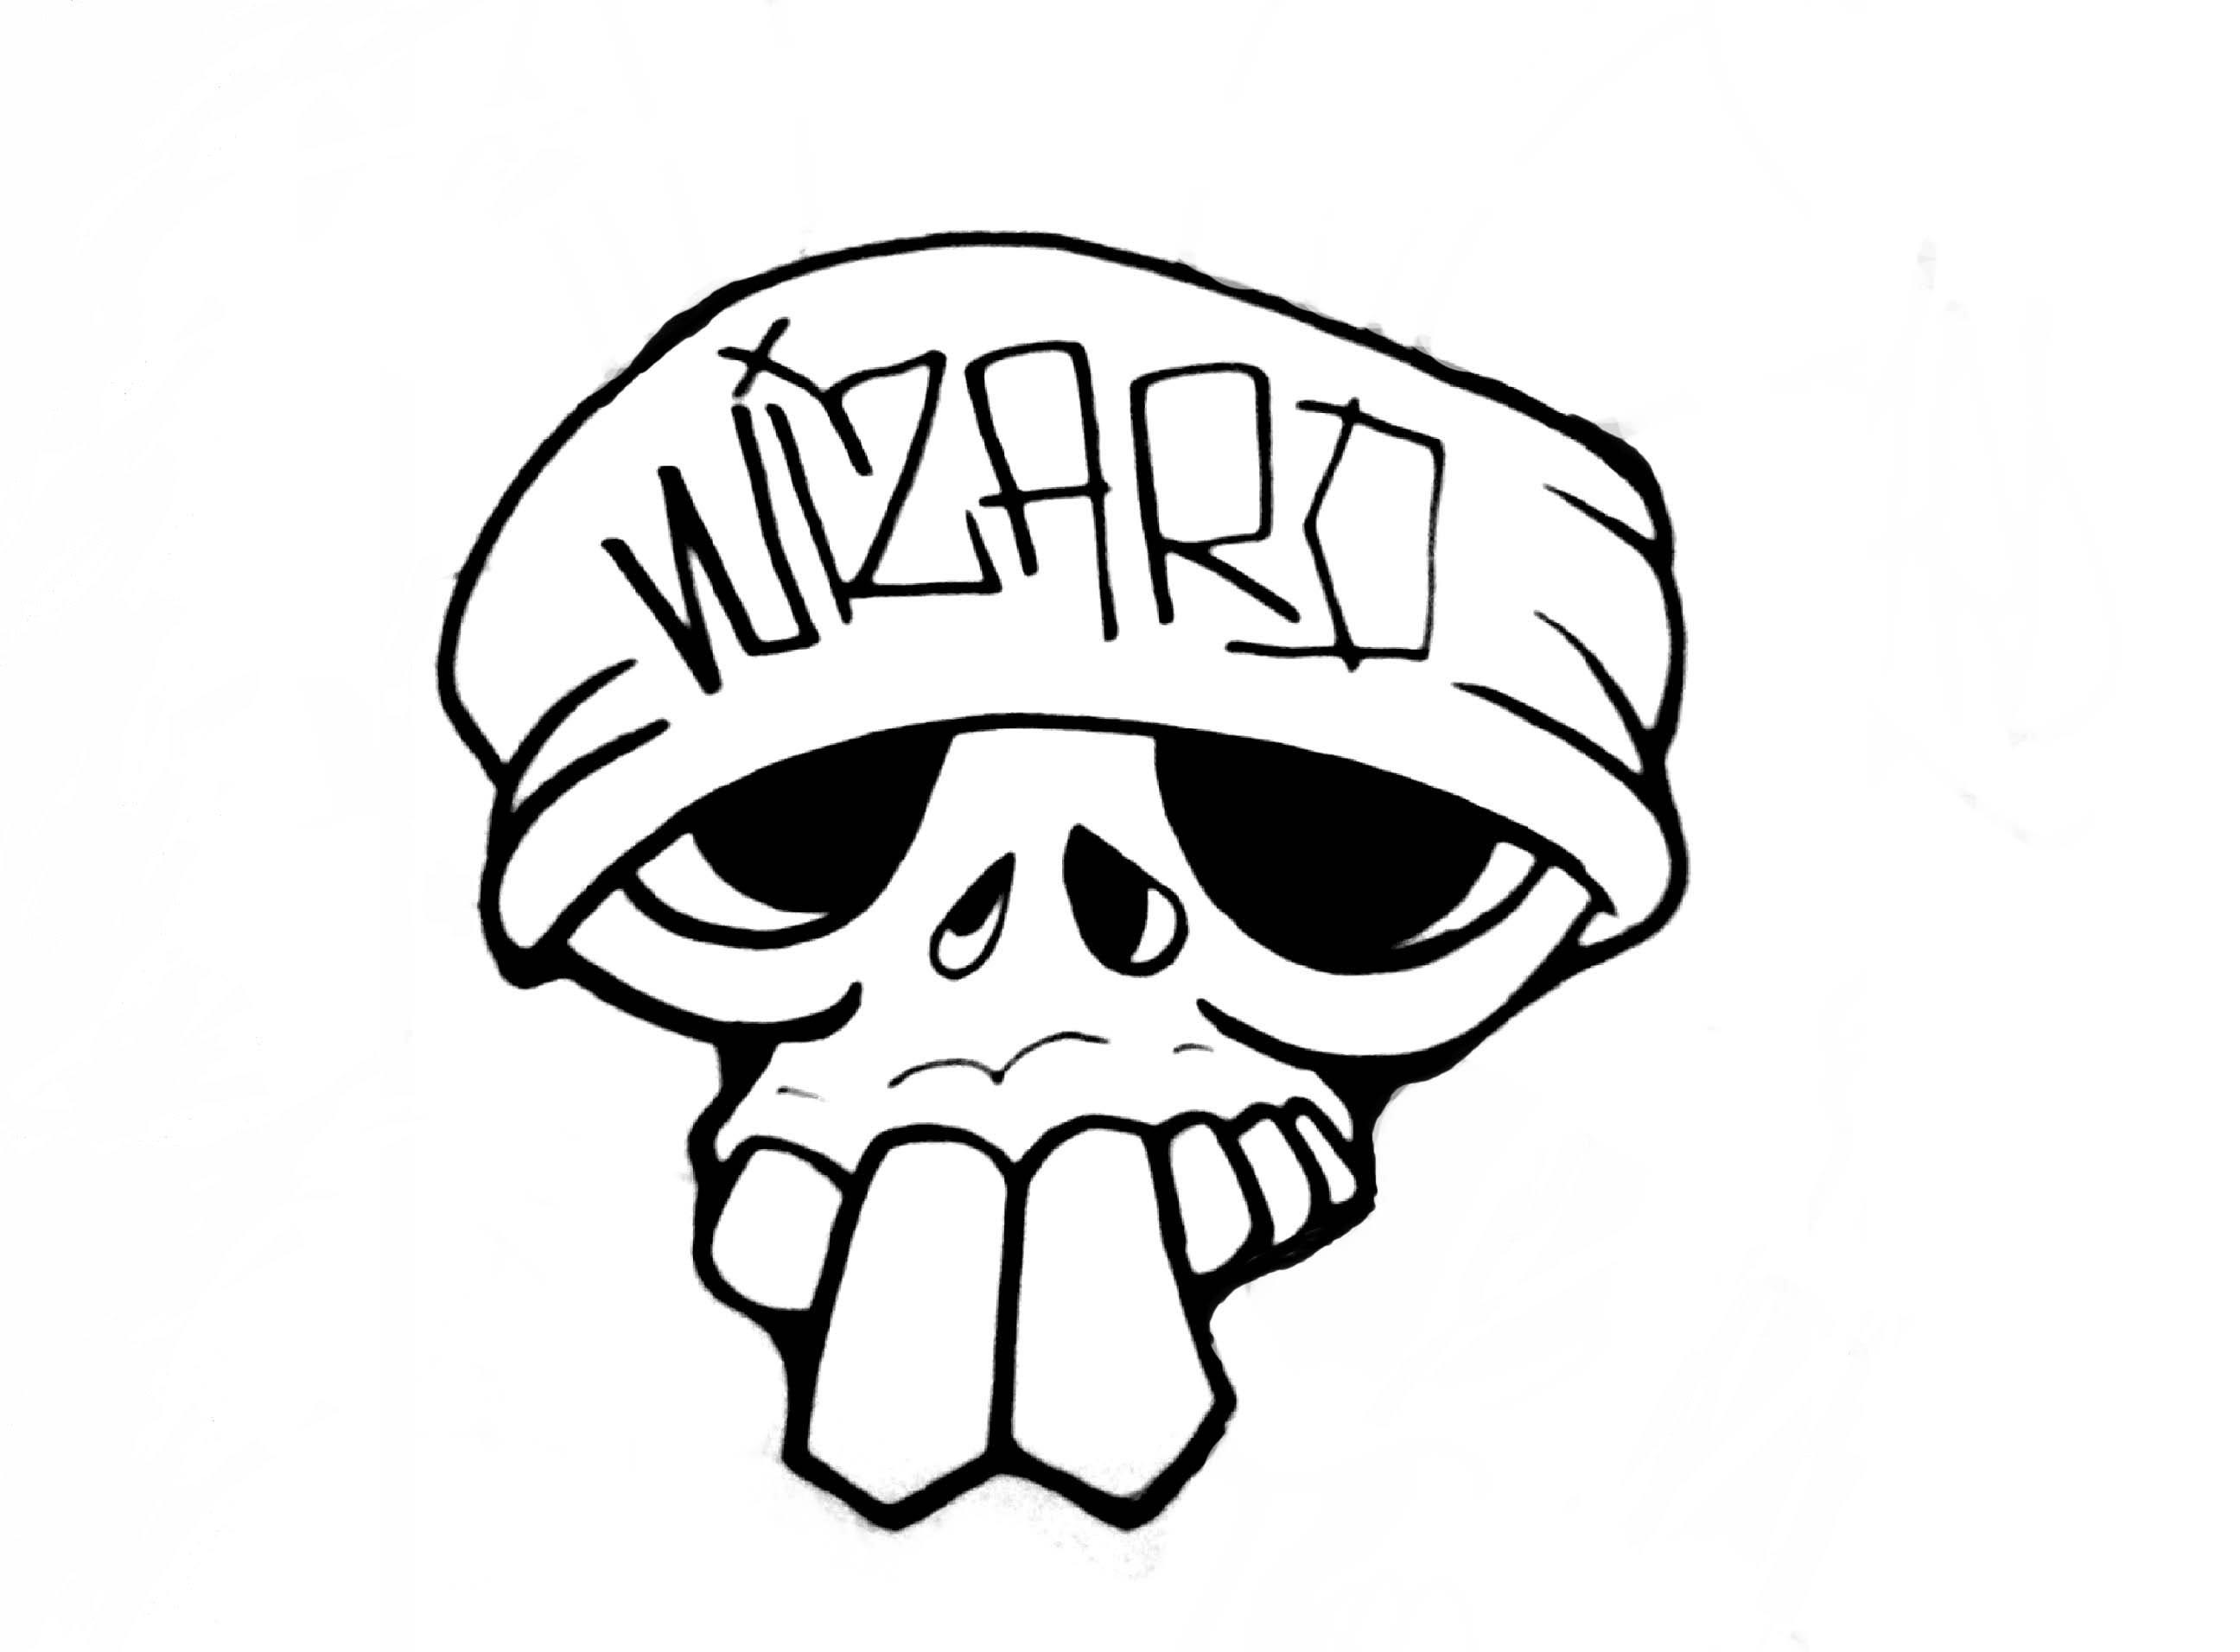 2592x1912 Graffiti Drawings Skull Skull Graffiti Drawing Graffiti Drawings